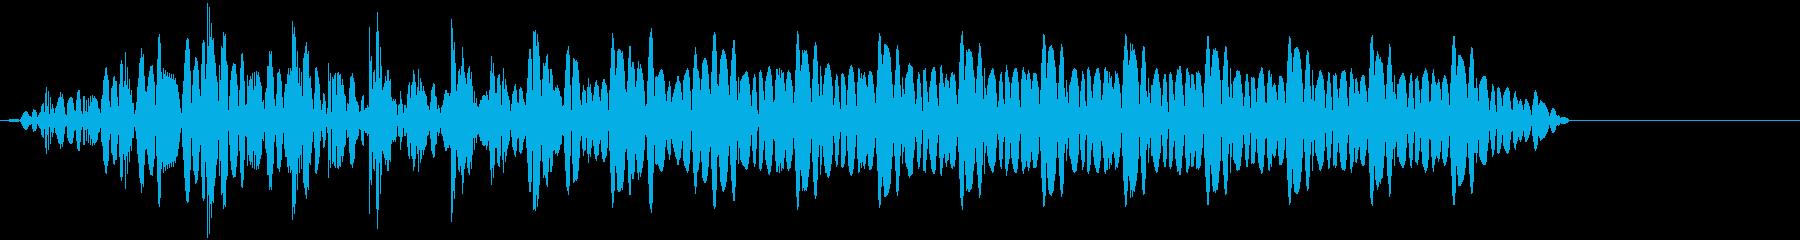 ビー!(超音波/レーザー/電子音/ブーの再生済みの波形